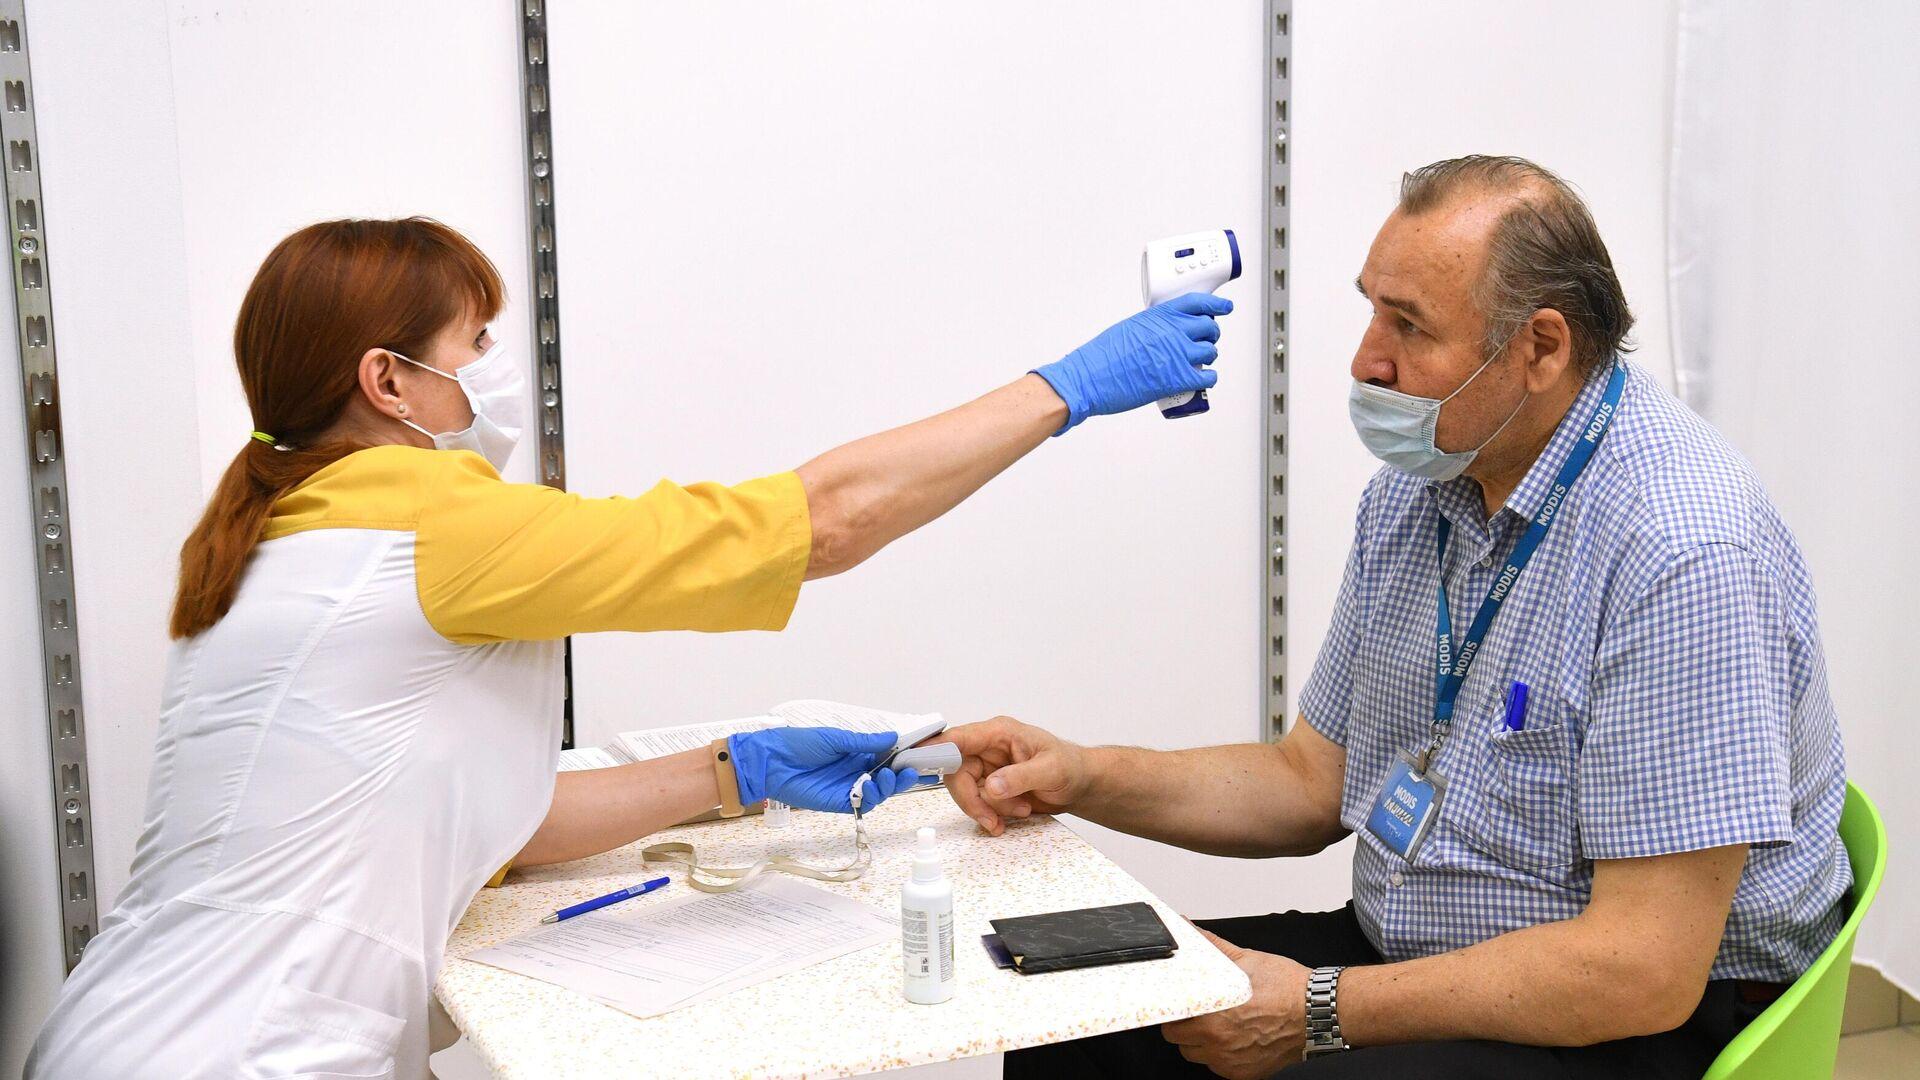 Медицинский работник измеряет температуру мужчине перед вакцинацией - РИА Новости, 1920, 24.07.2021